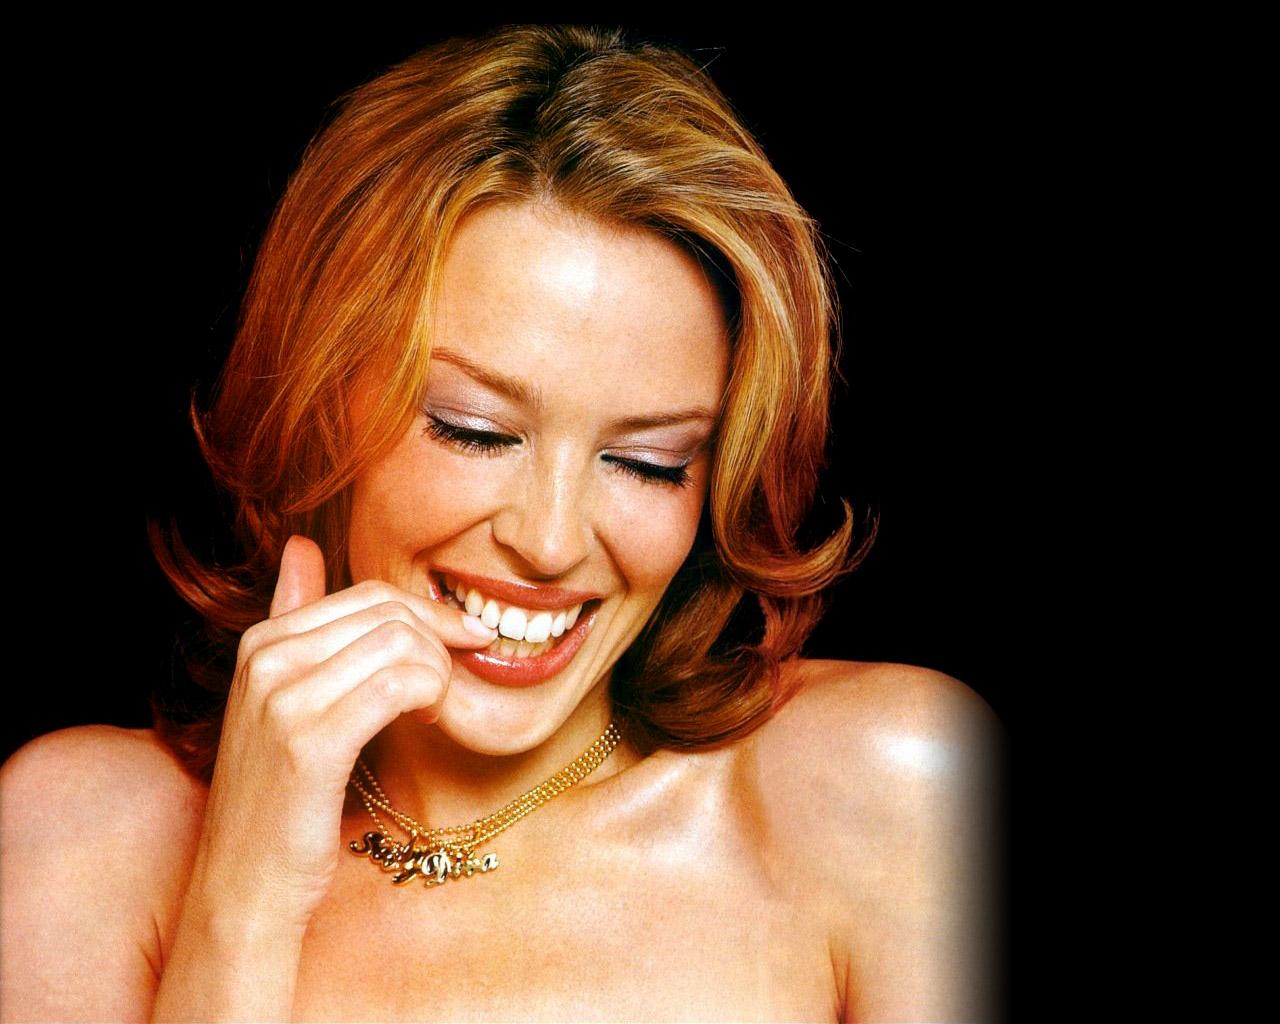 http://2.bp.blogspot.com/-LZuz3kHFrnA/UIdWHsgTITI/AAAAAAAADag/xe1Uh2PEg9g/s1600/Kylie+Minogue,+Katie+Holmes+littlebookofsecrets.jpg